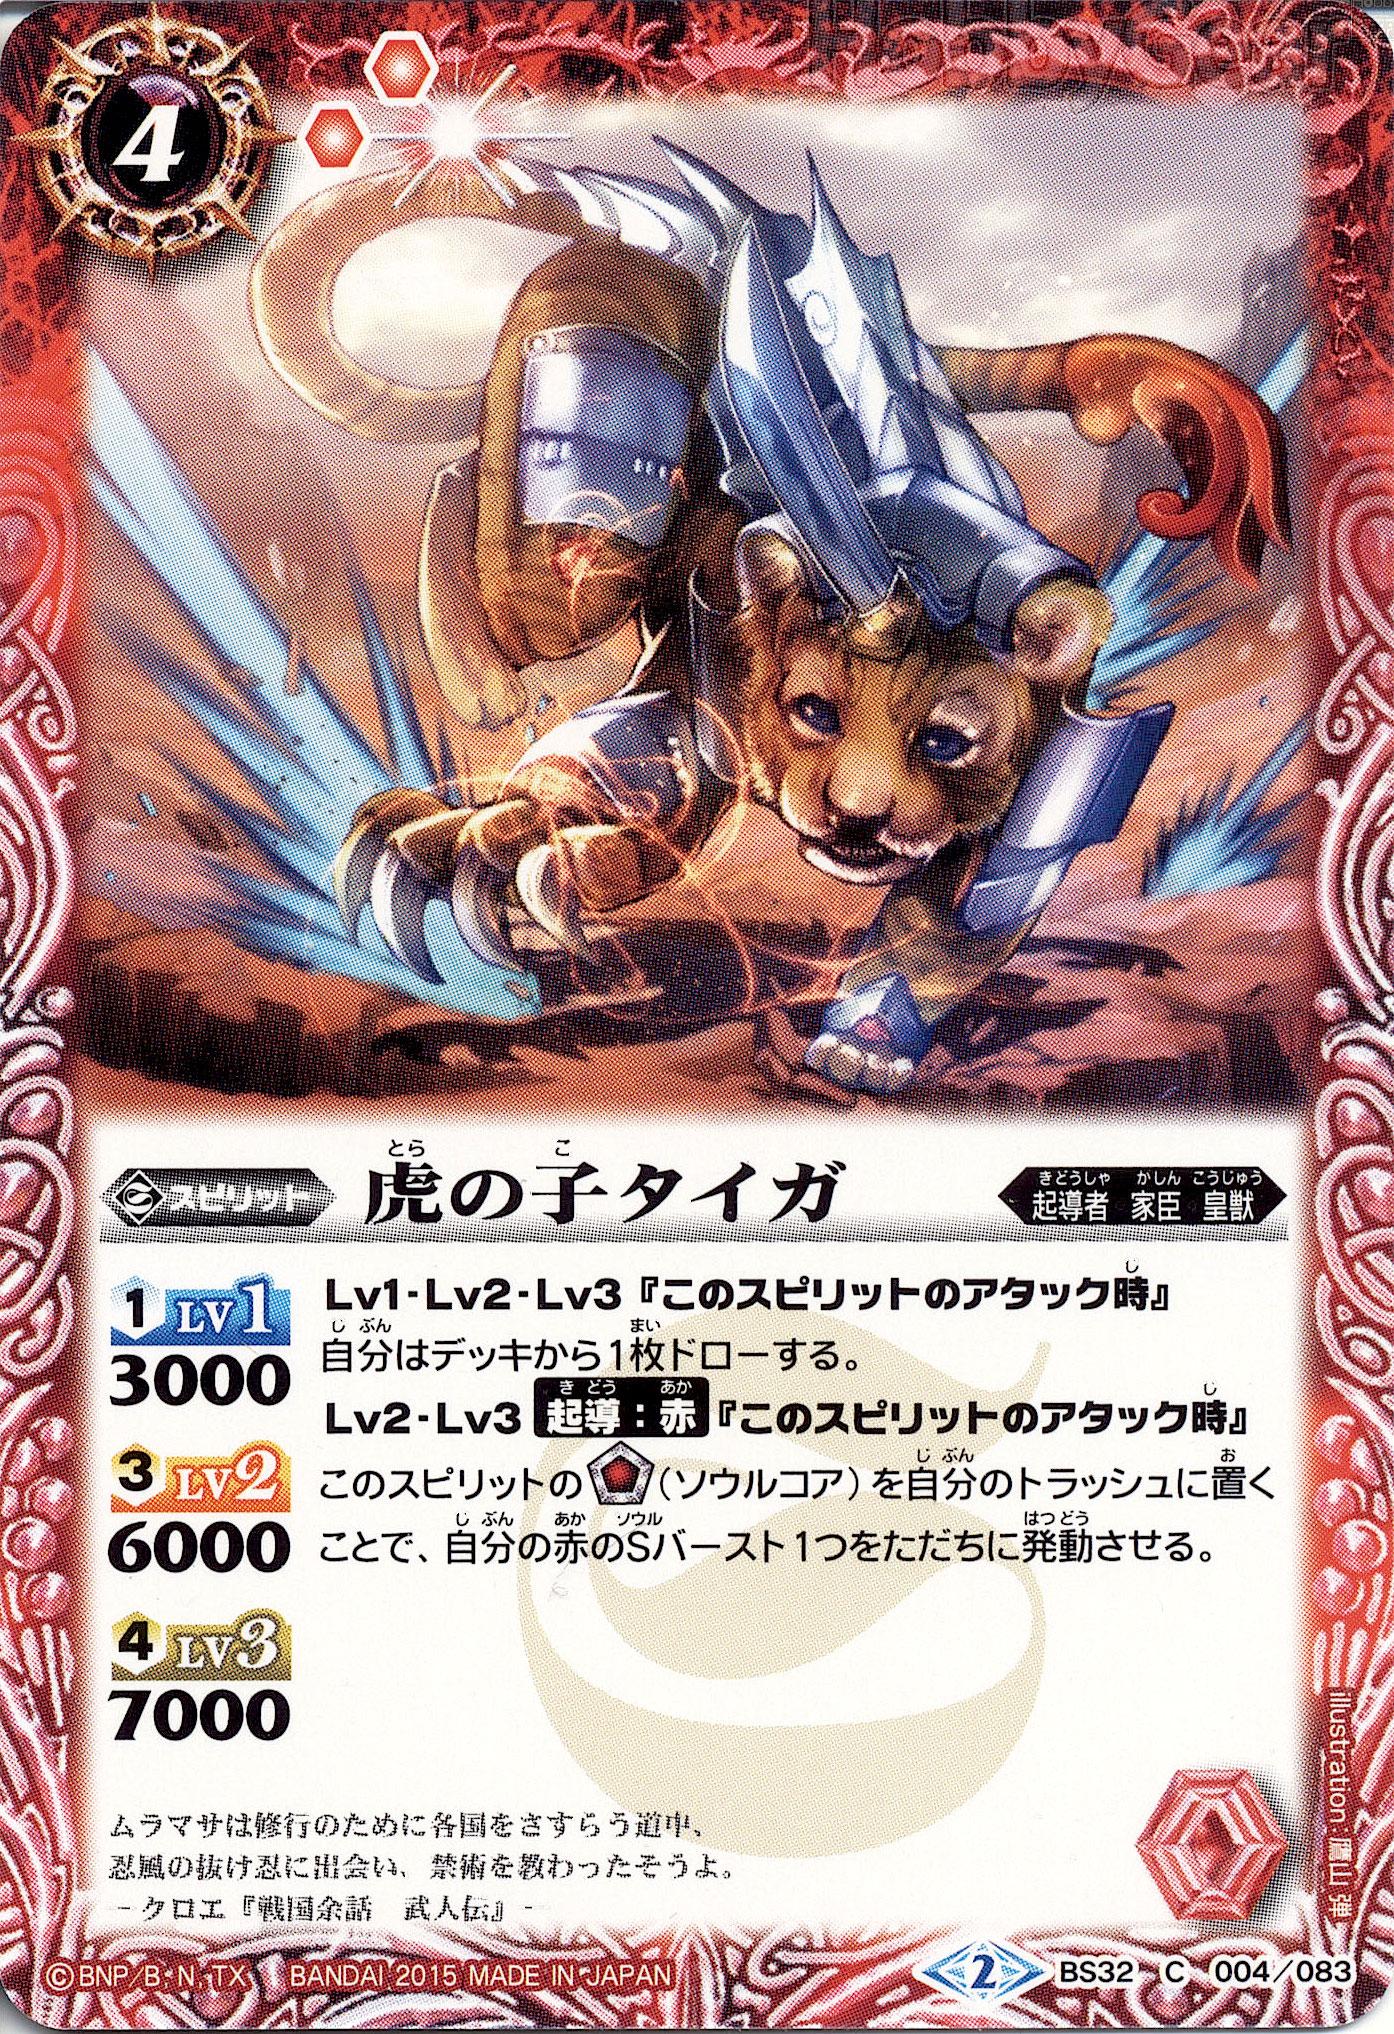 The Cub Tiger